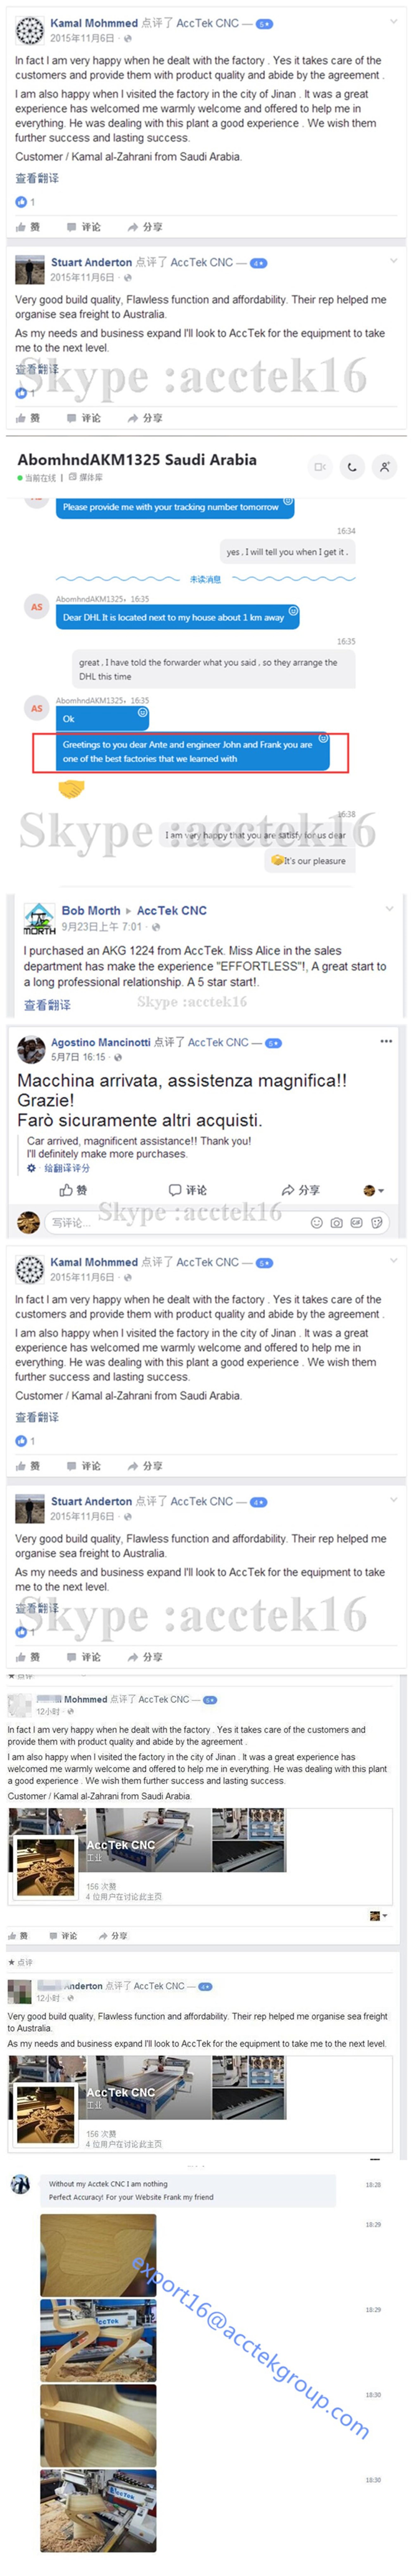 feedback to acctek.jpg